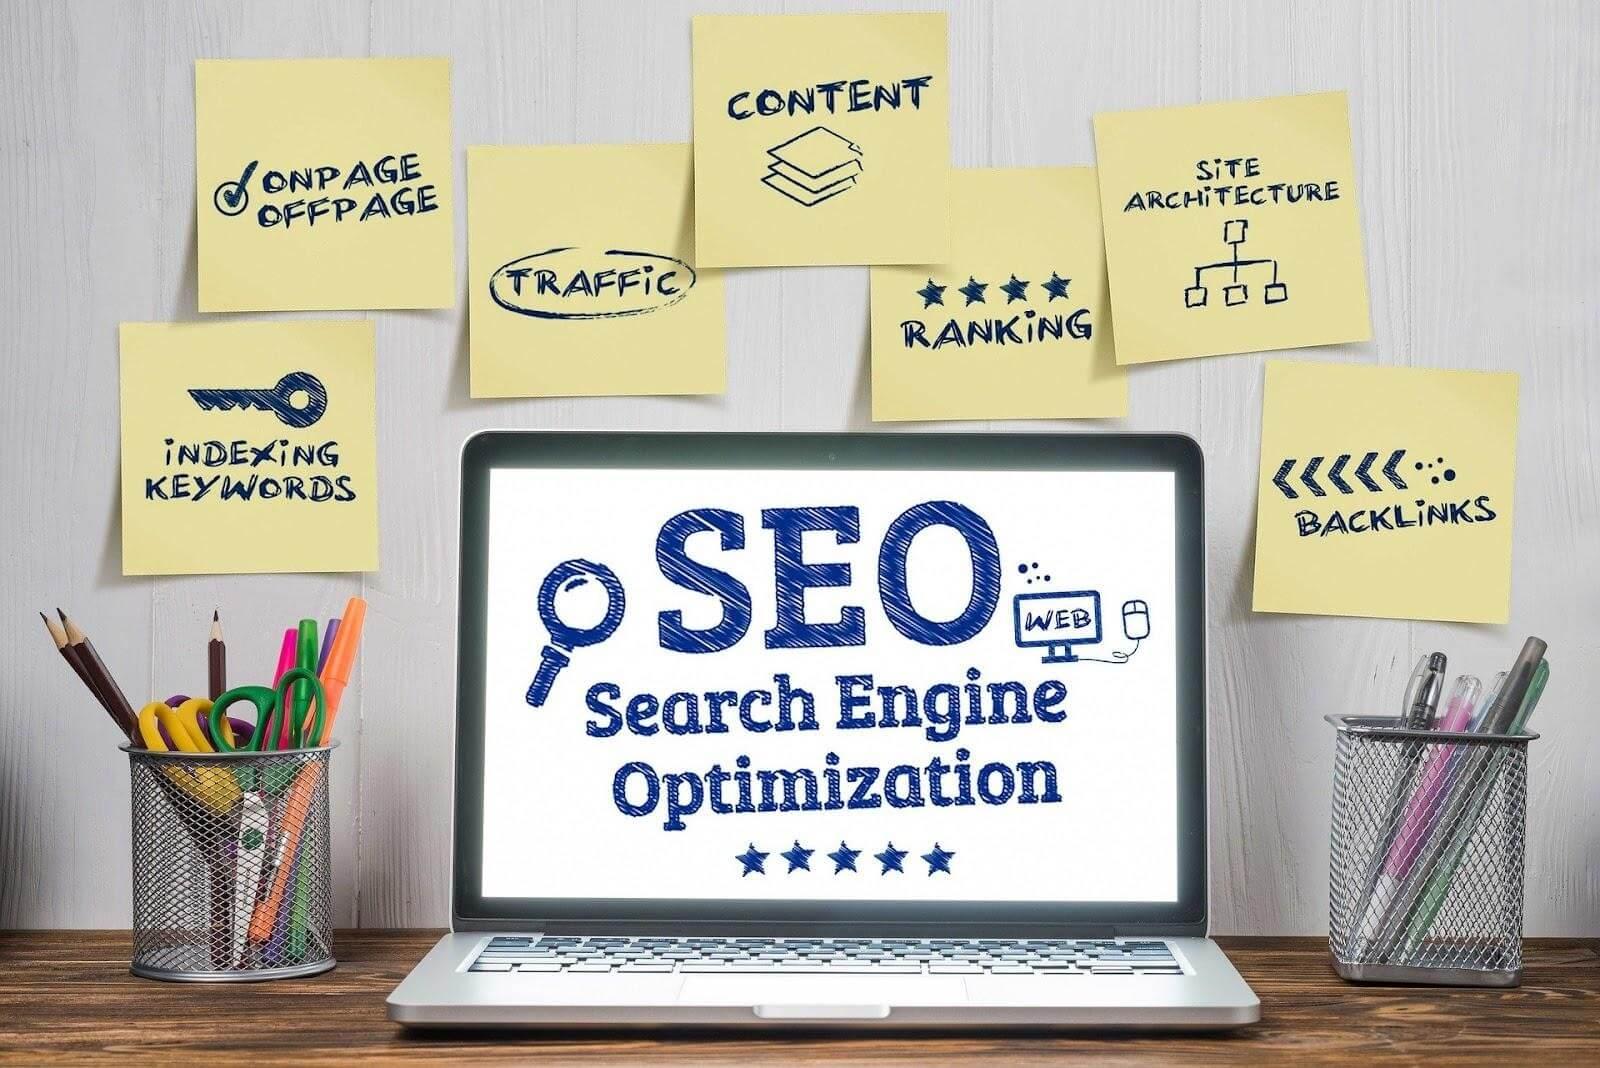 Optimize Business Description With Relevant Keywords